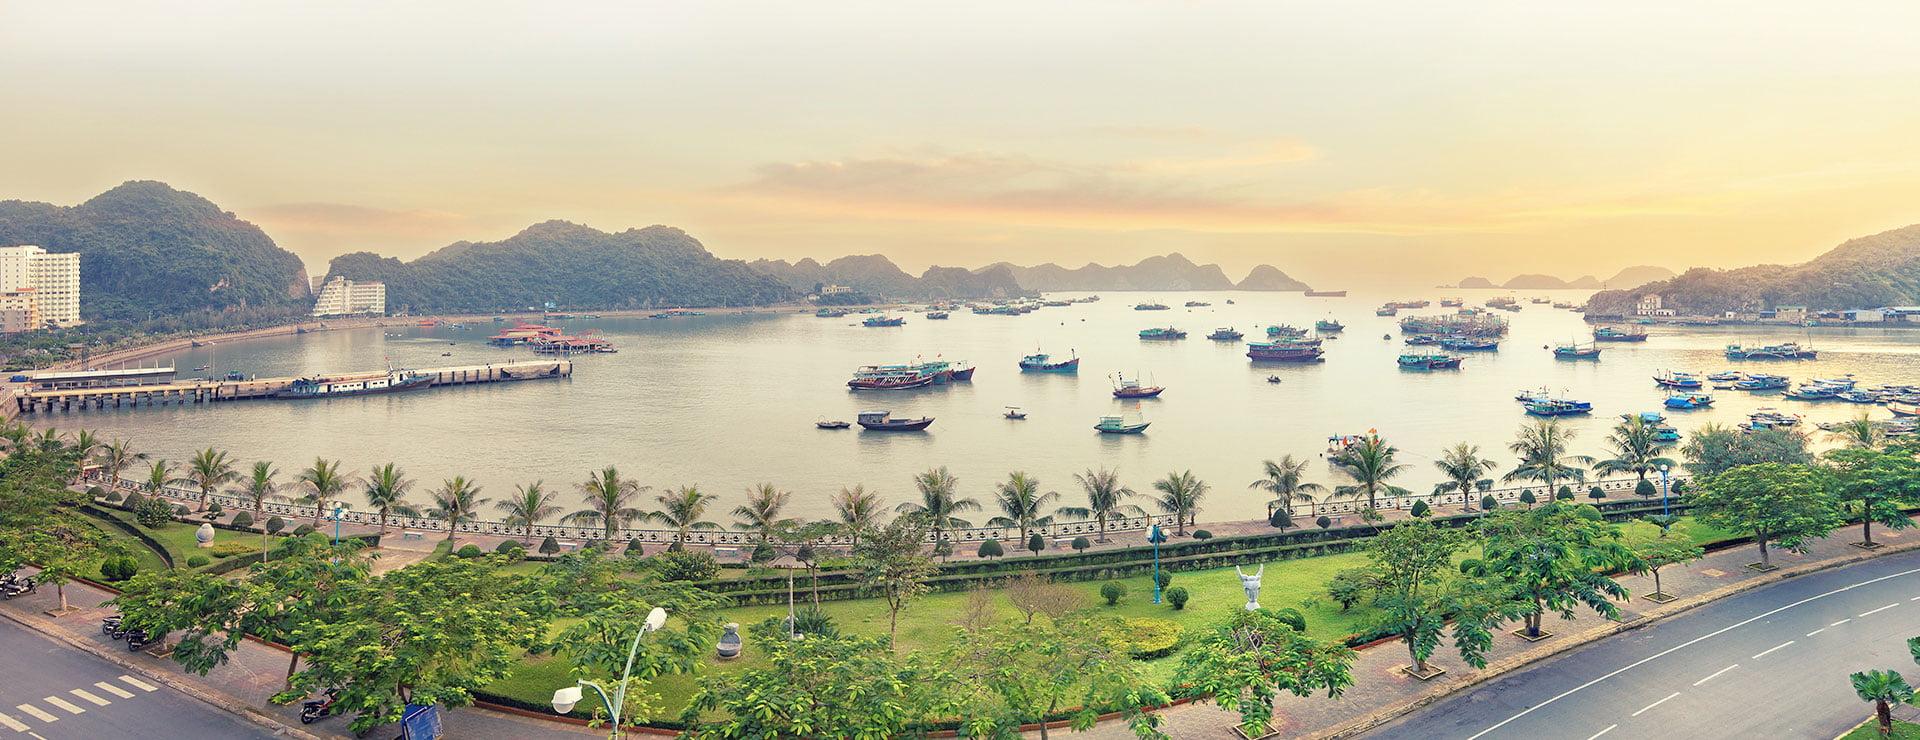 Selecciones de ICP: los mejores destinos para el viaje de Navidad y Año Nuevo en Vietnam